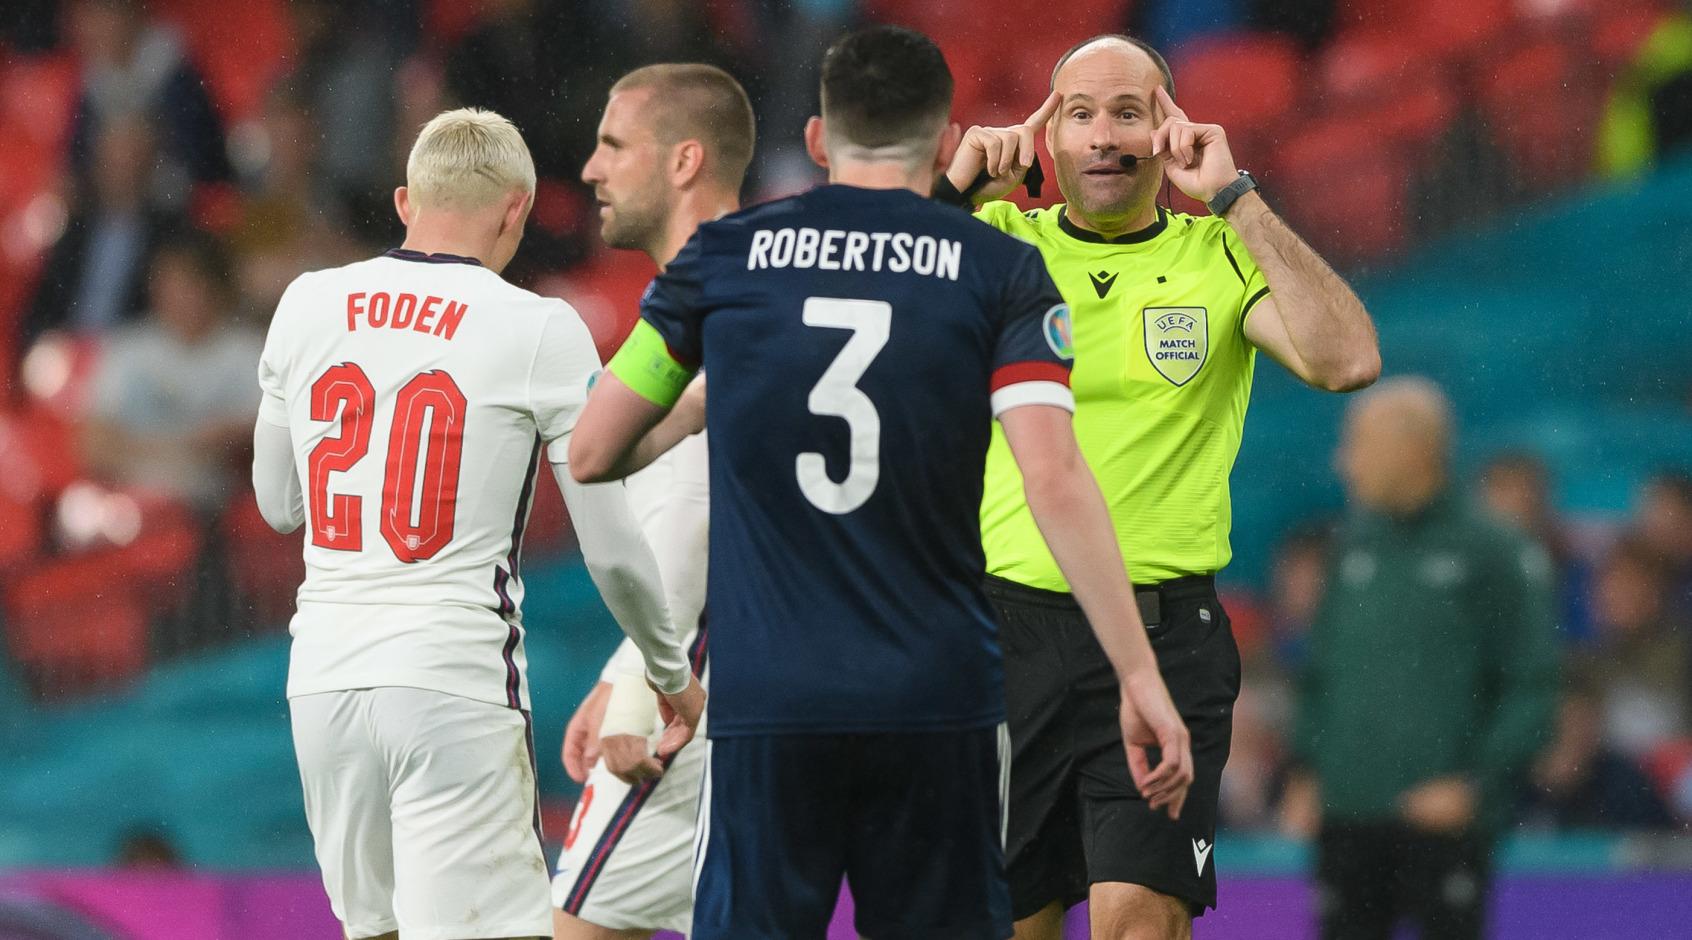 Англия - Шотландия 0:0. Беззубые львы